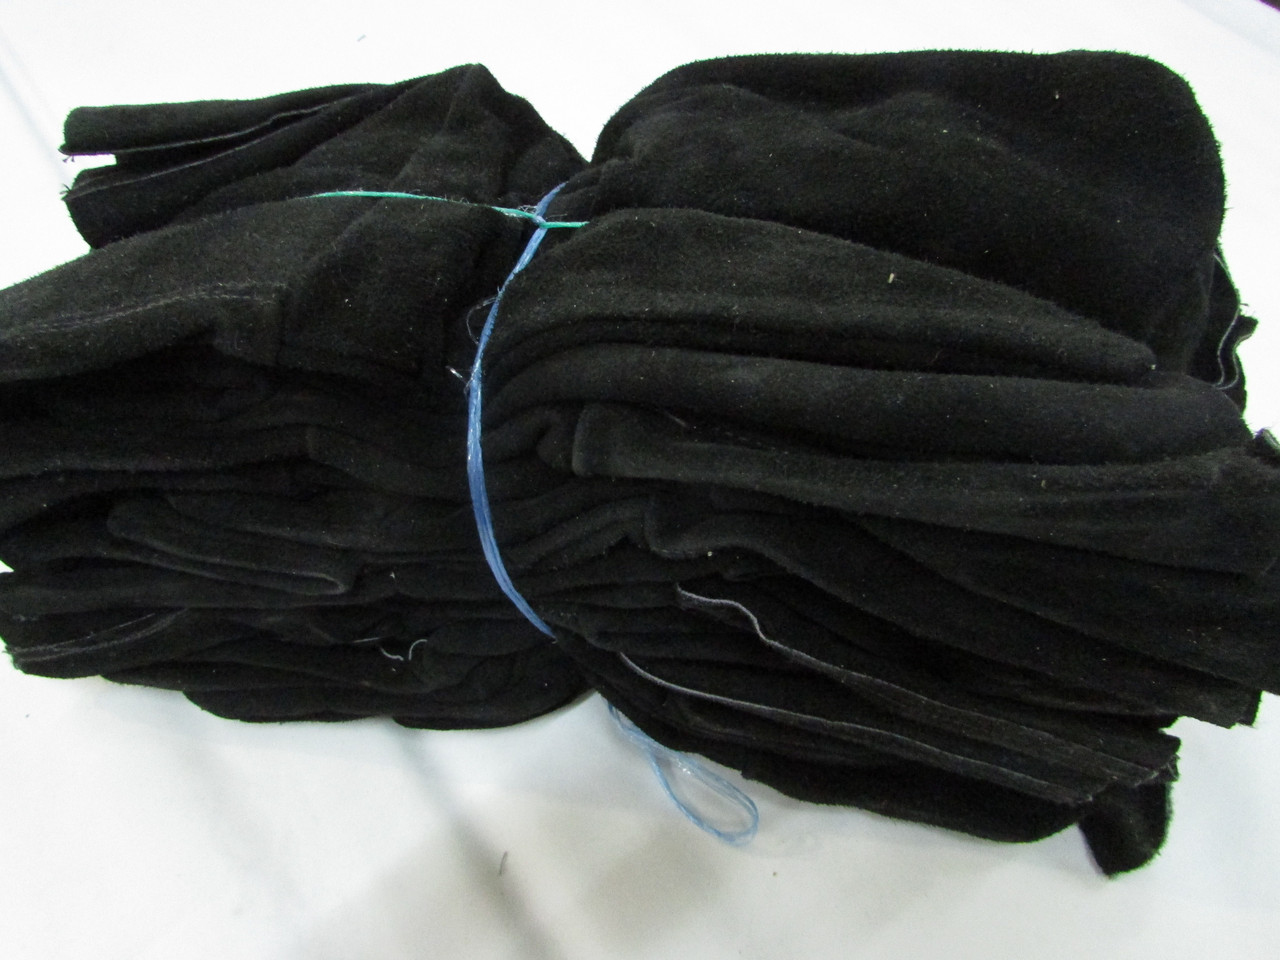 Рукавицы спилковые с крагами черные и серые